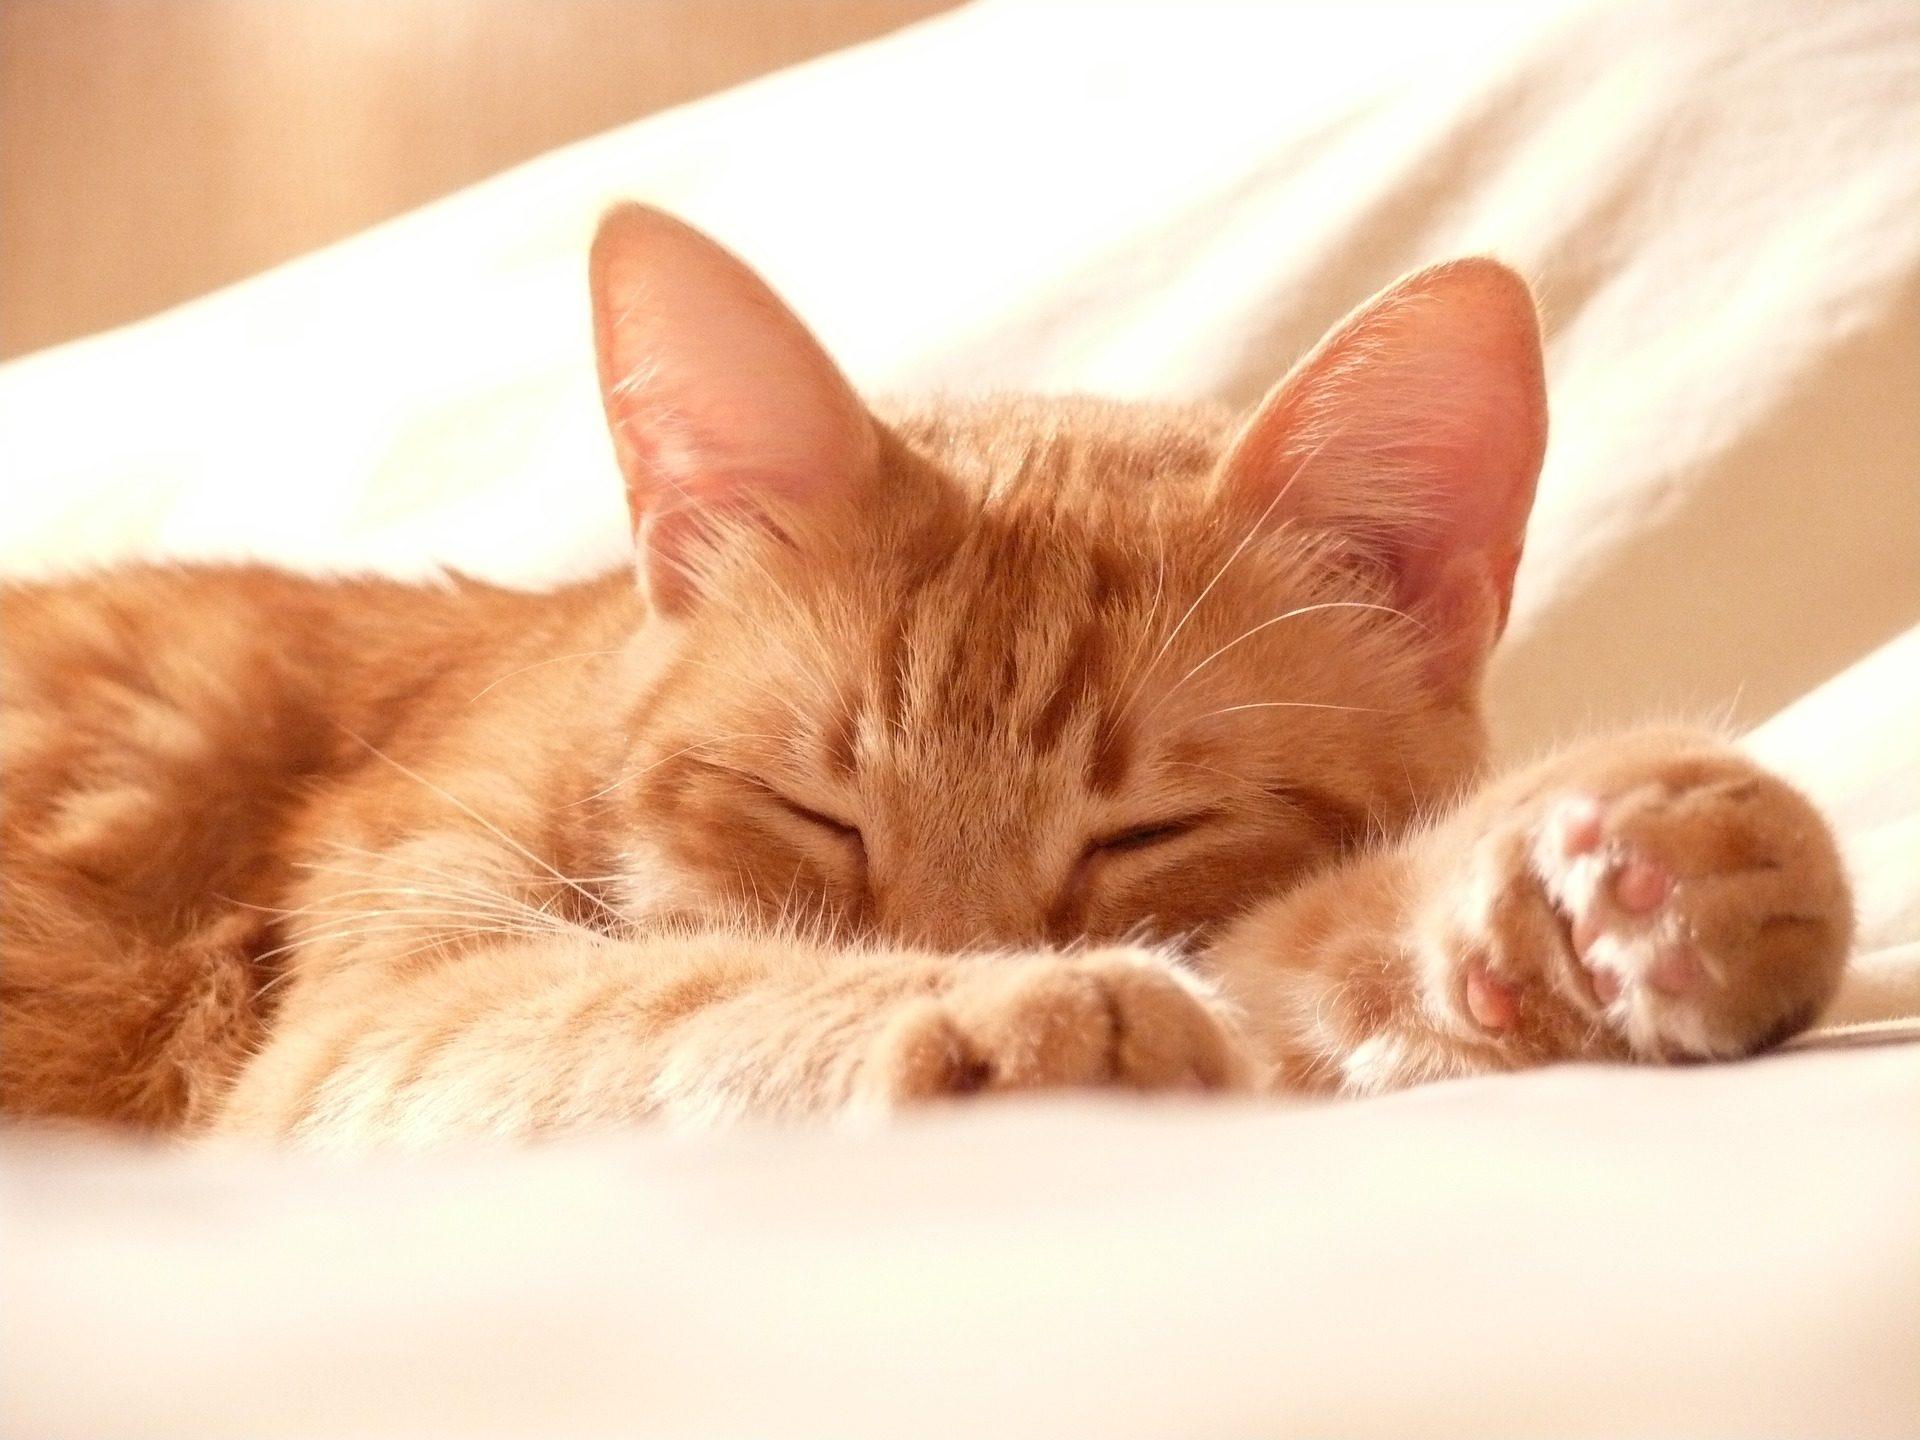 猫, ペット, 眠っています。, リラックス, 会社 - HD の壁紙 - 教授-falken.com